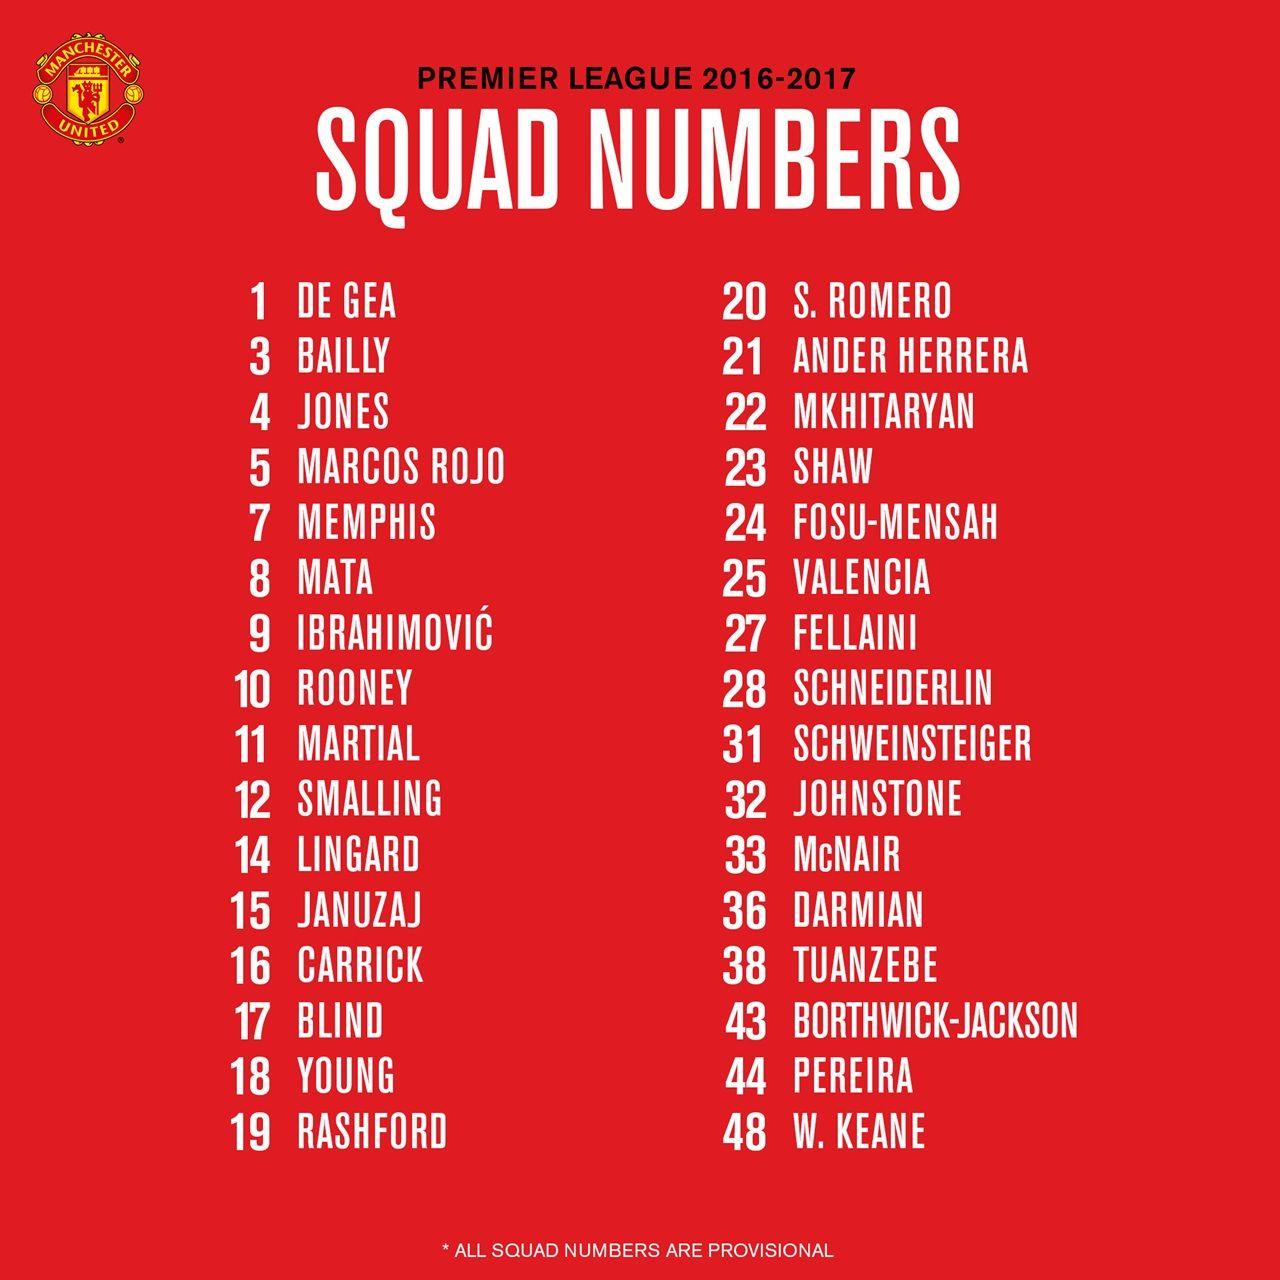 Manchester United Divulga Numeracao Com Ibrahimovic Com A Camisa 9 Veja As Demais Trivela Manchester United Manchester Zlatan Ibrahimovic